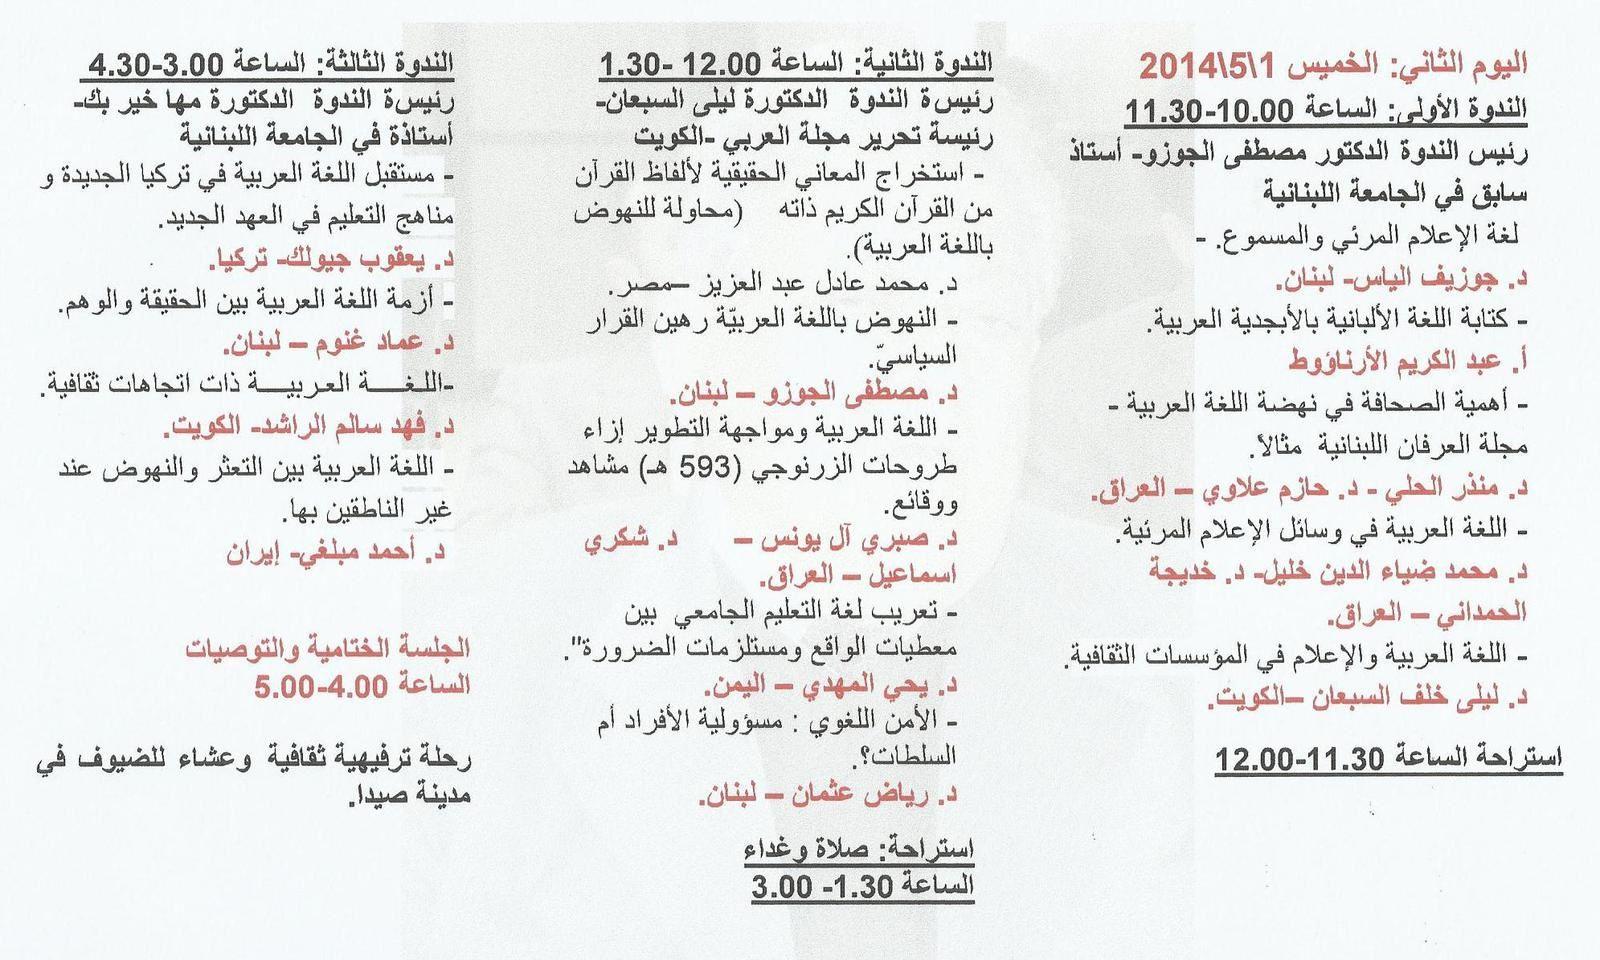 مؤتمر ببيروت حول اللغة العربية